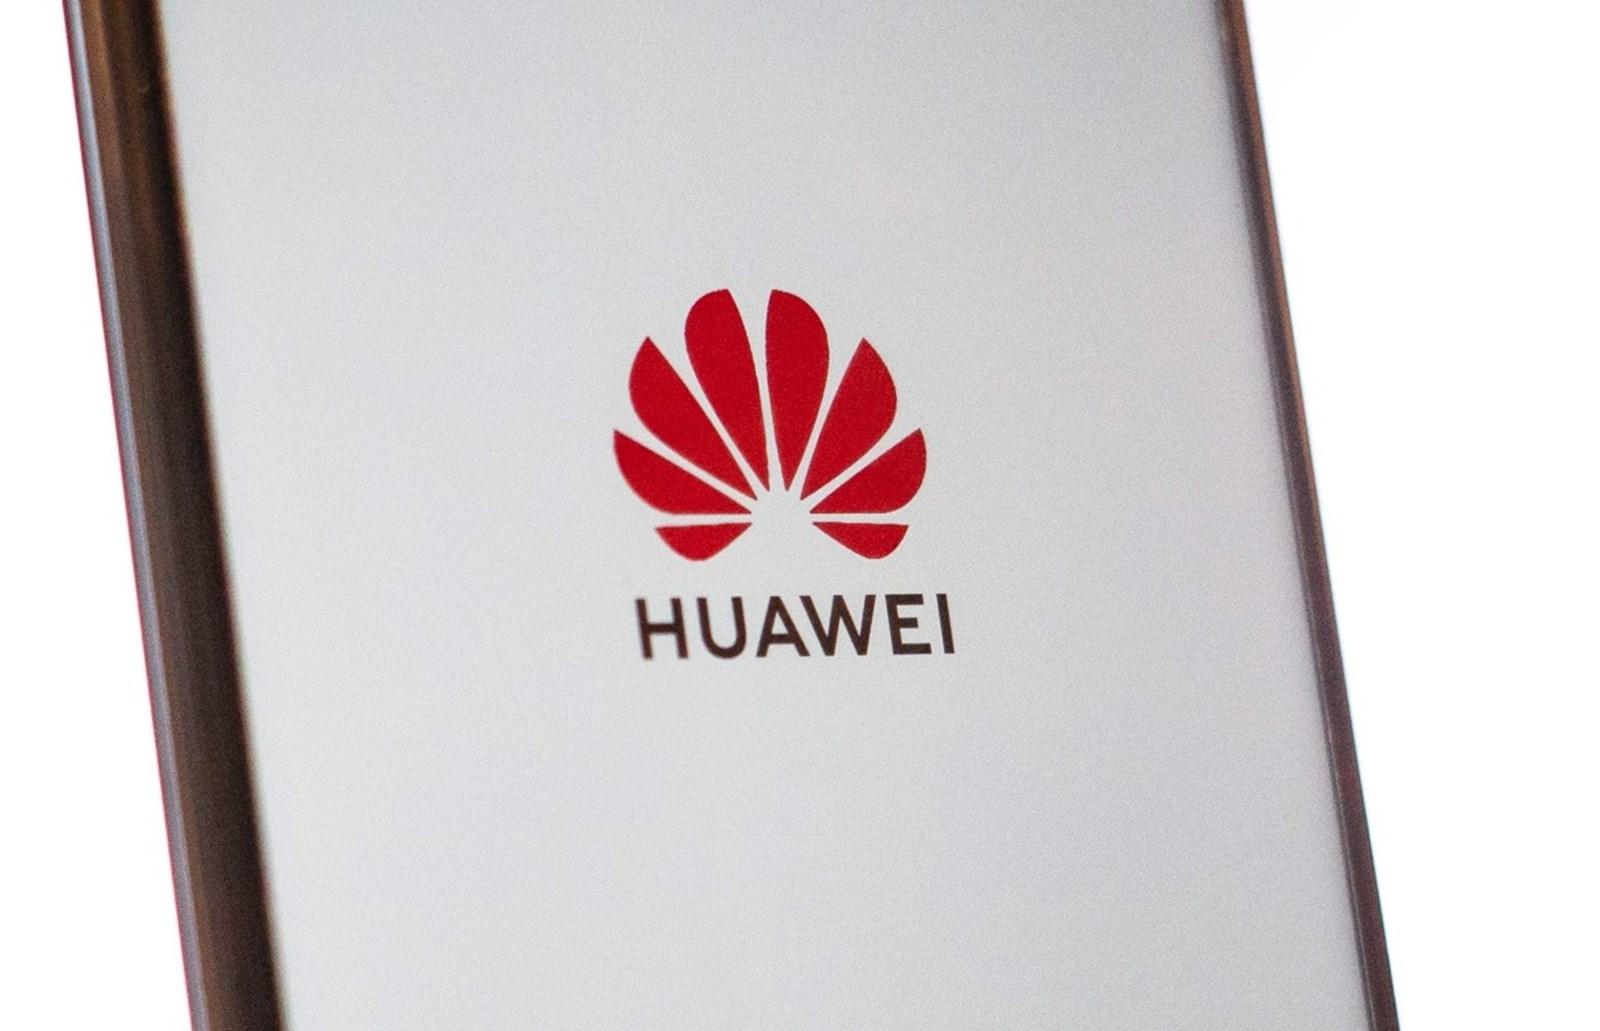 Serbien kooperiert weiter mit Huawei, auch bei Sicherheit